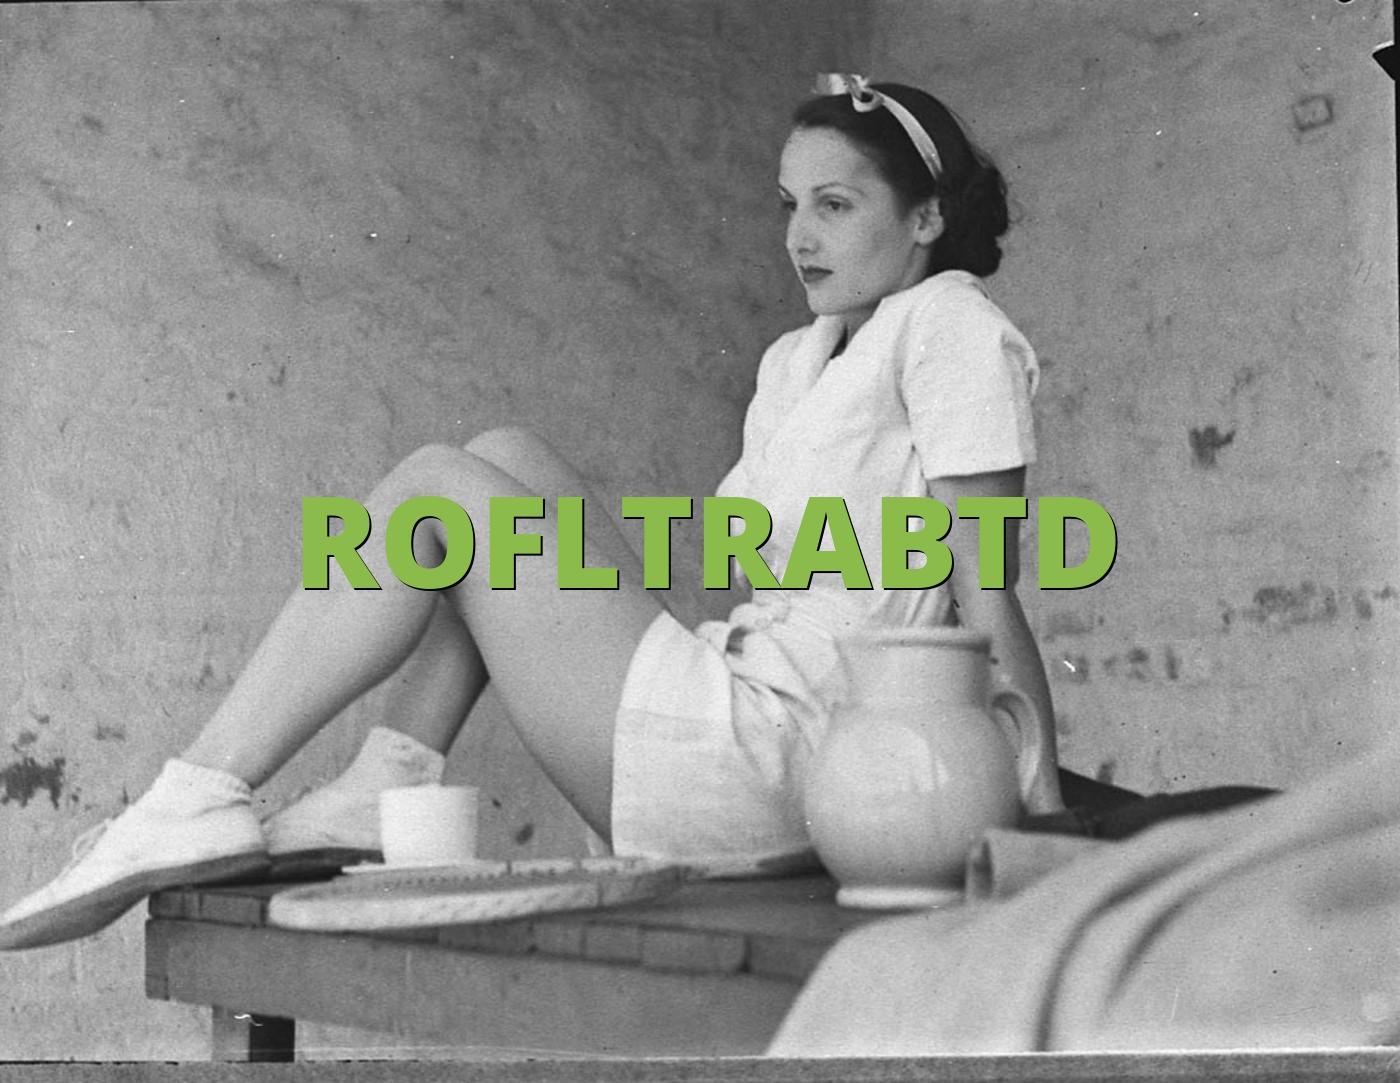 ROFLTRABTD